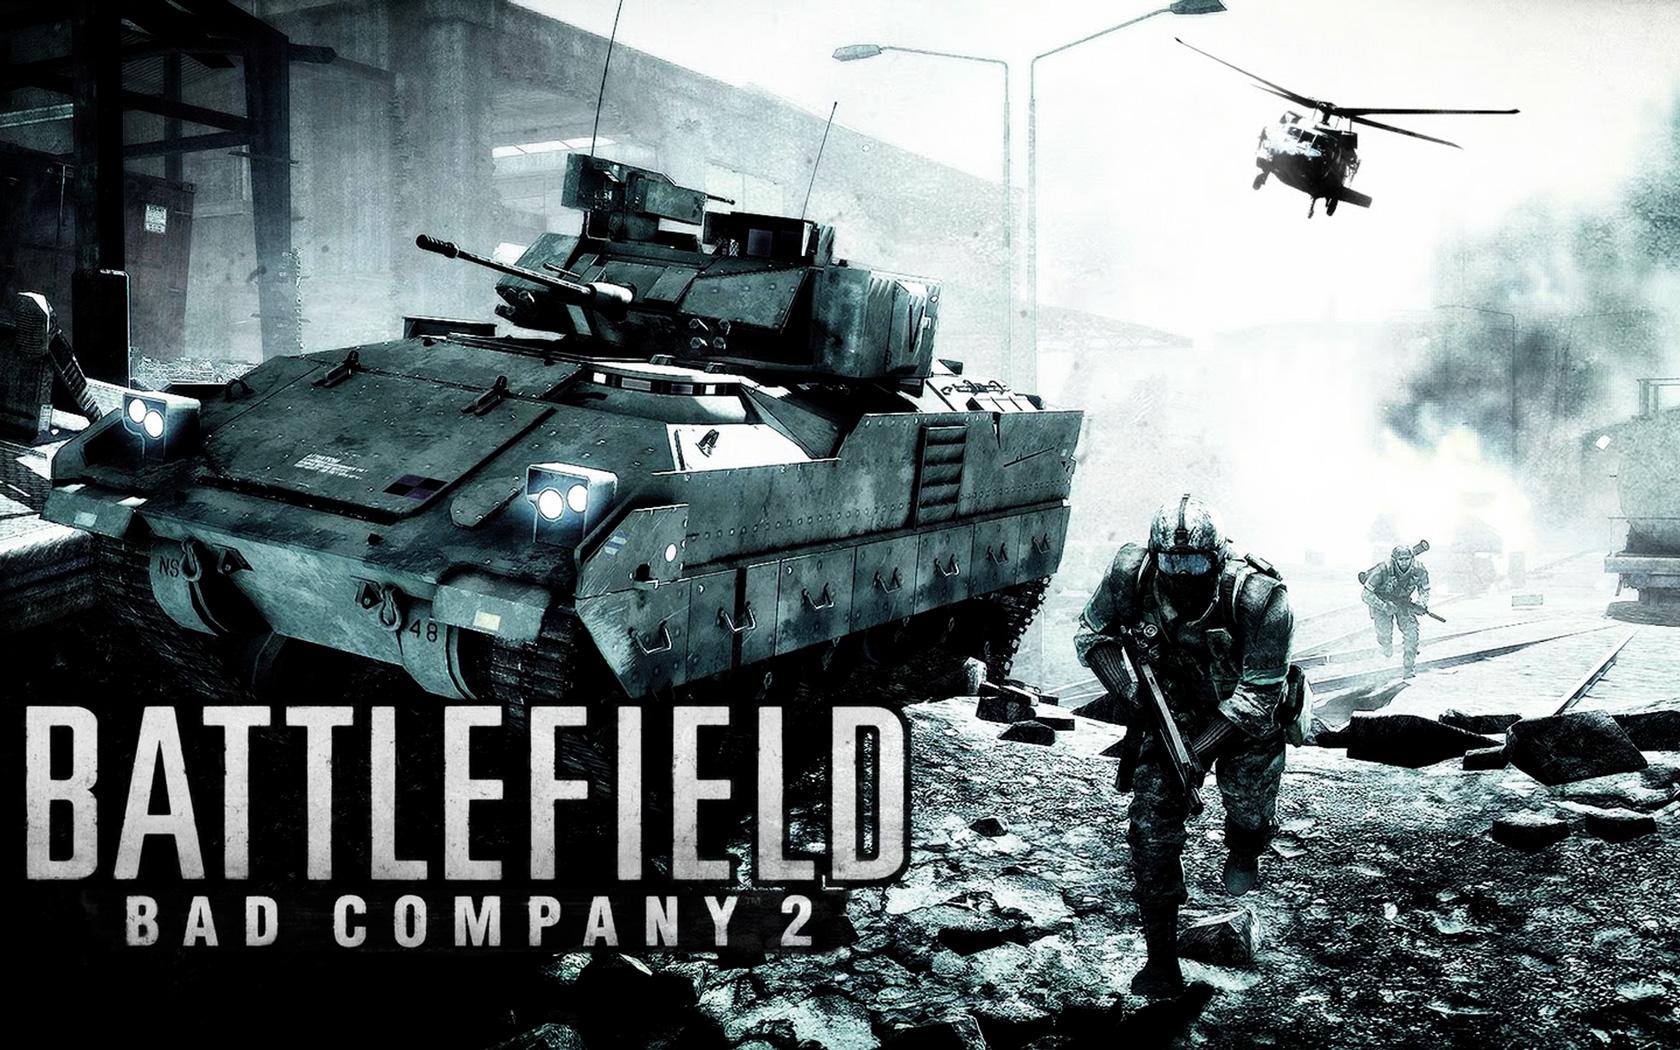 Battlefield: Bad Company 2 Wallpaper in 1680x1050